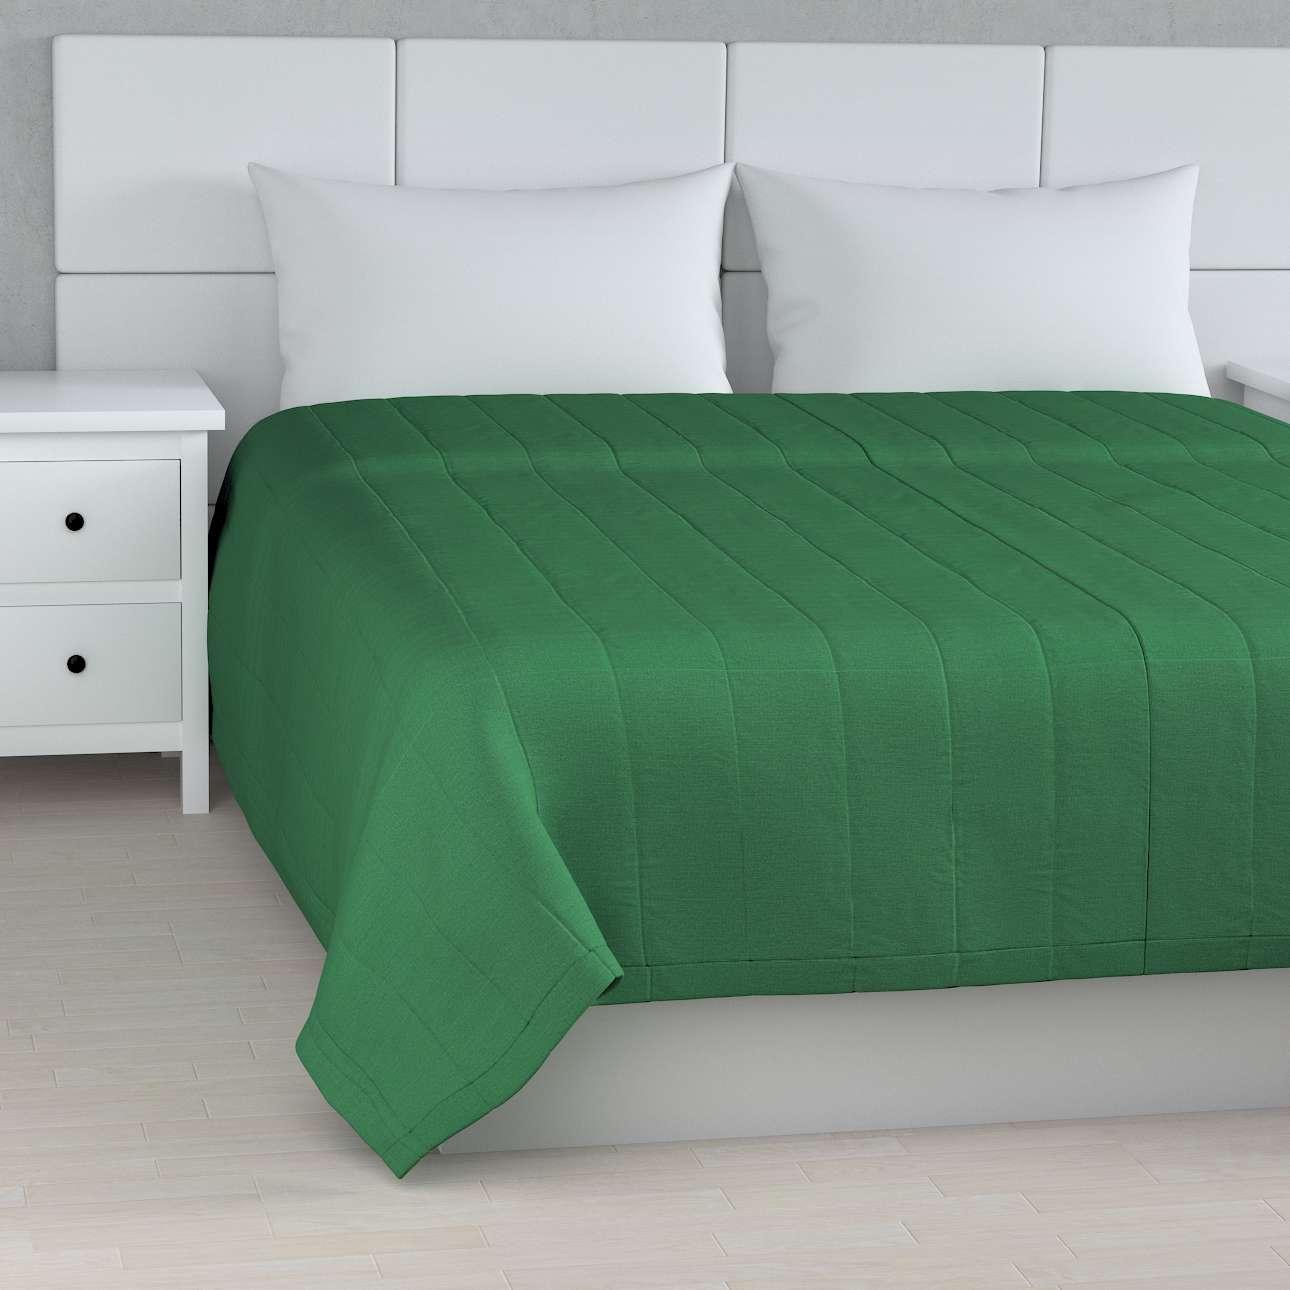 Cuvertura matlasata cu model în colecție Loneta , țesătură: 133-18